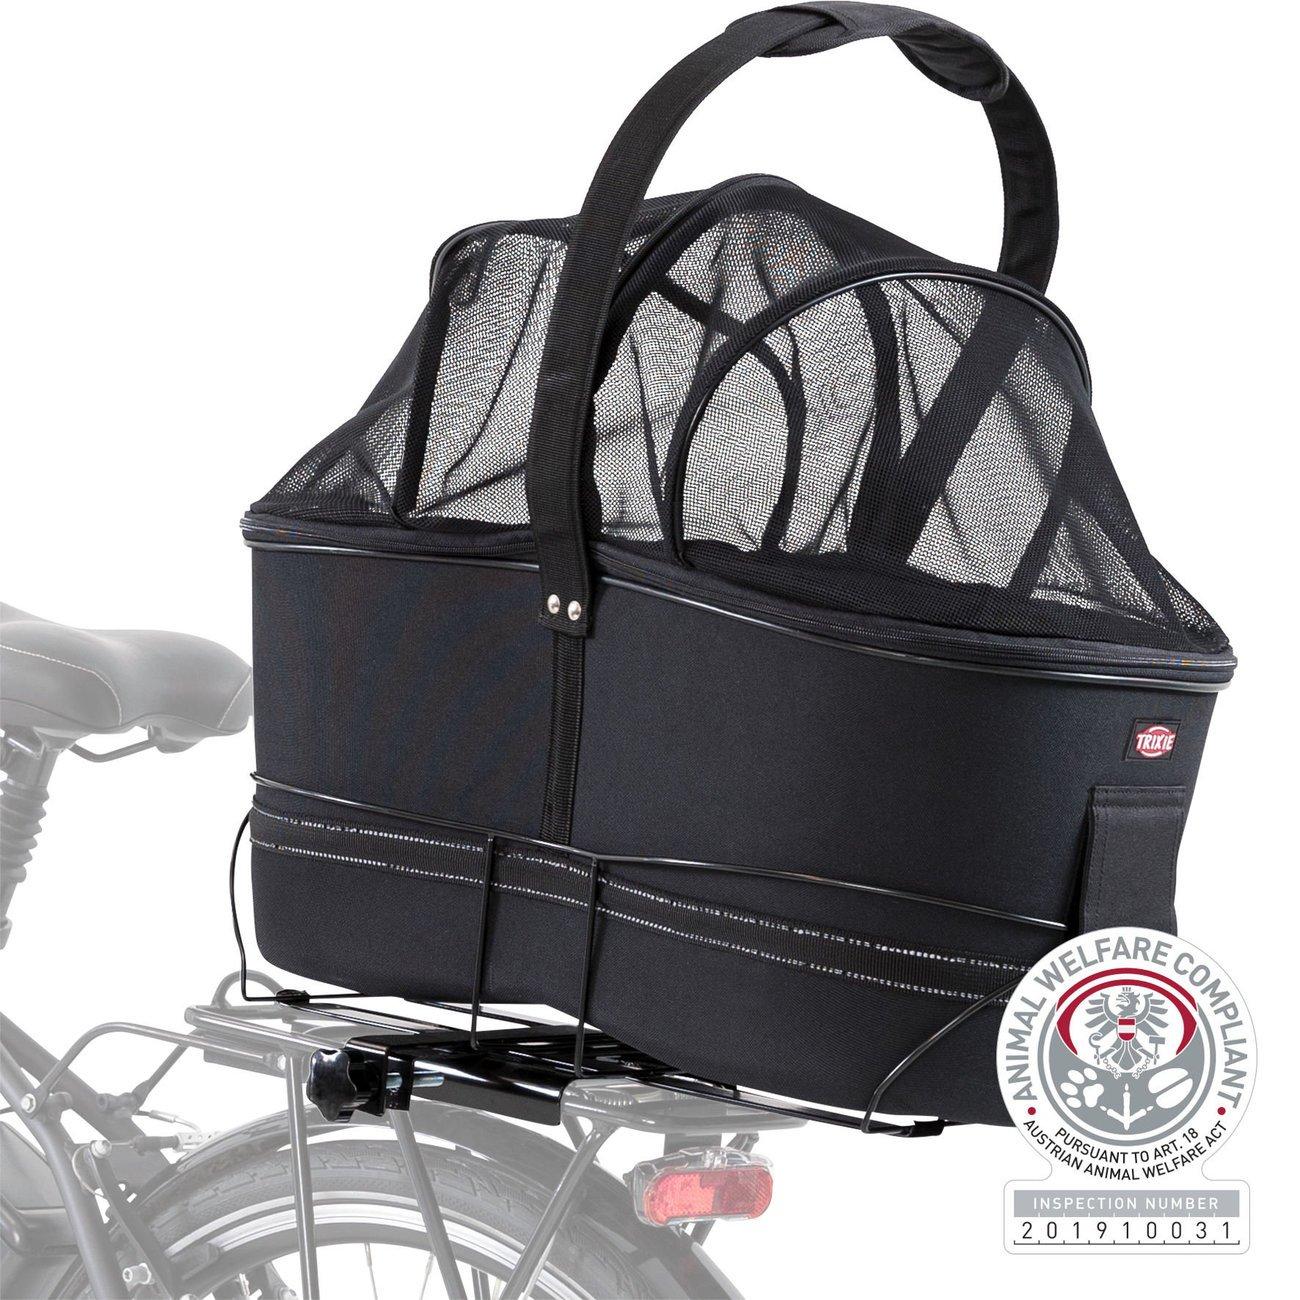 TRIXIE Hunde Fahrradkorb Long für breite Gepäckträger 13110, Bild 19